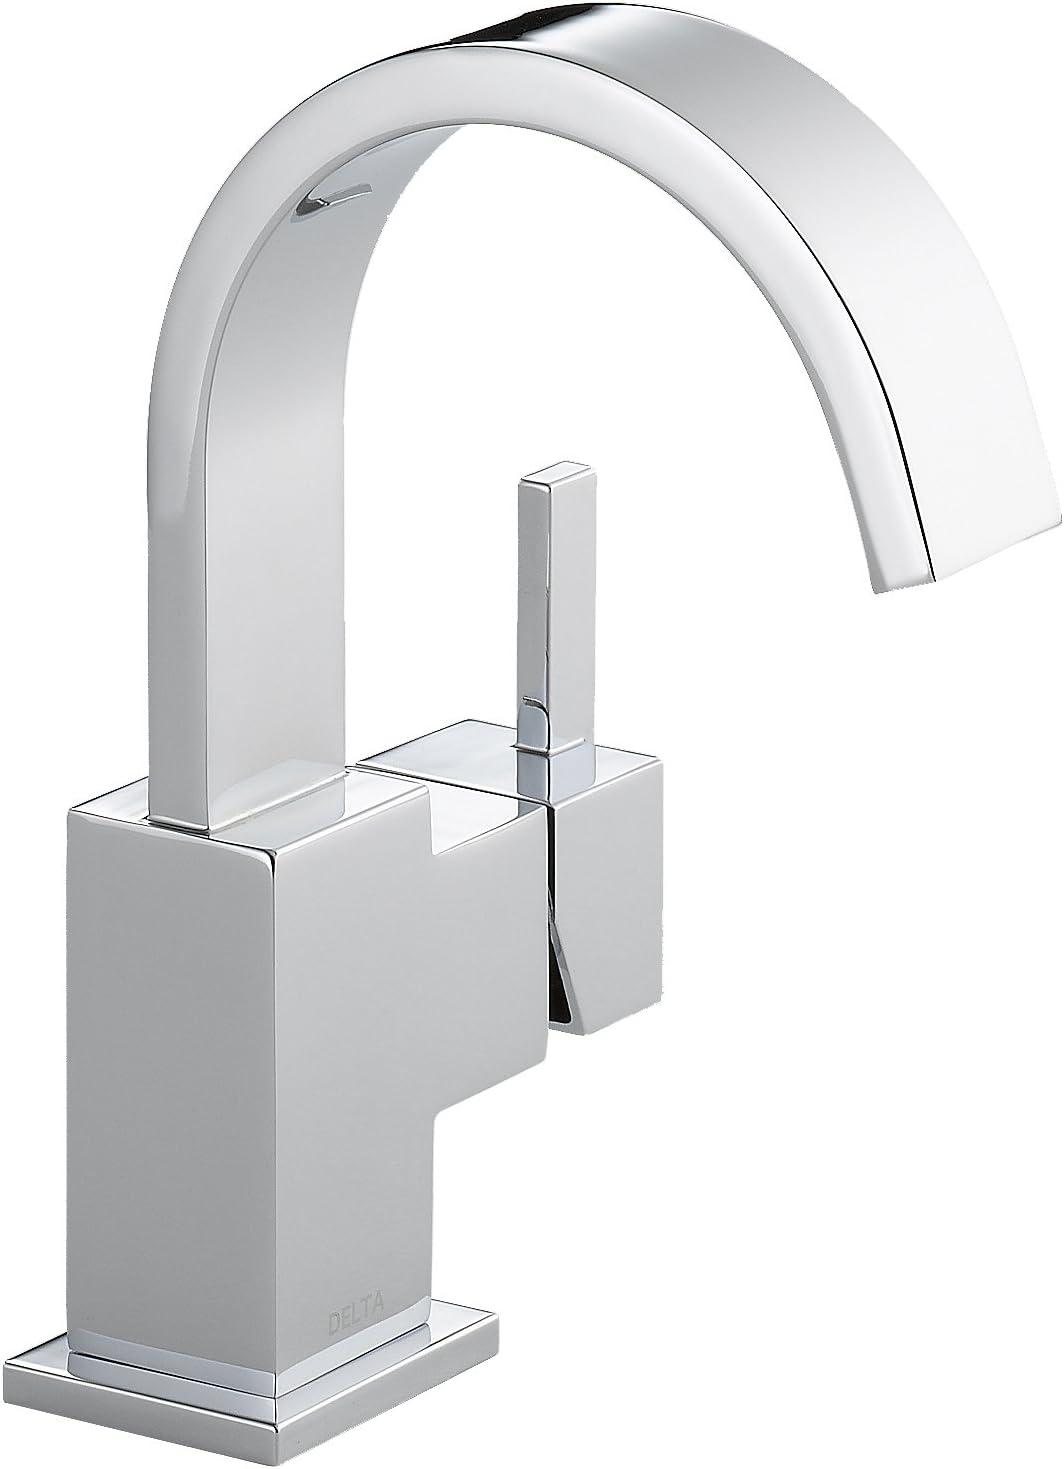 Delta Faucet Vero Single Hole Bathroom Faucet, Single Handle Bathroom  Faucet Chrome, Bathroom Sink Faucet, Metal Drain Assembly, Chrome 20LF